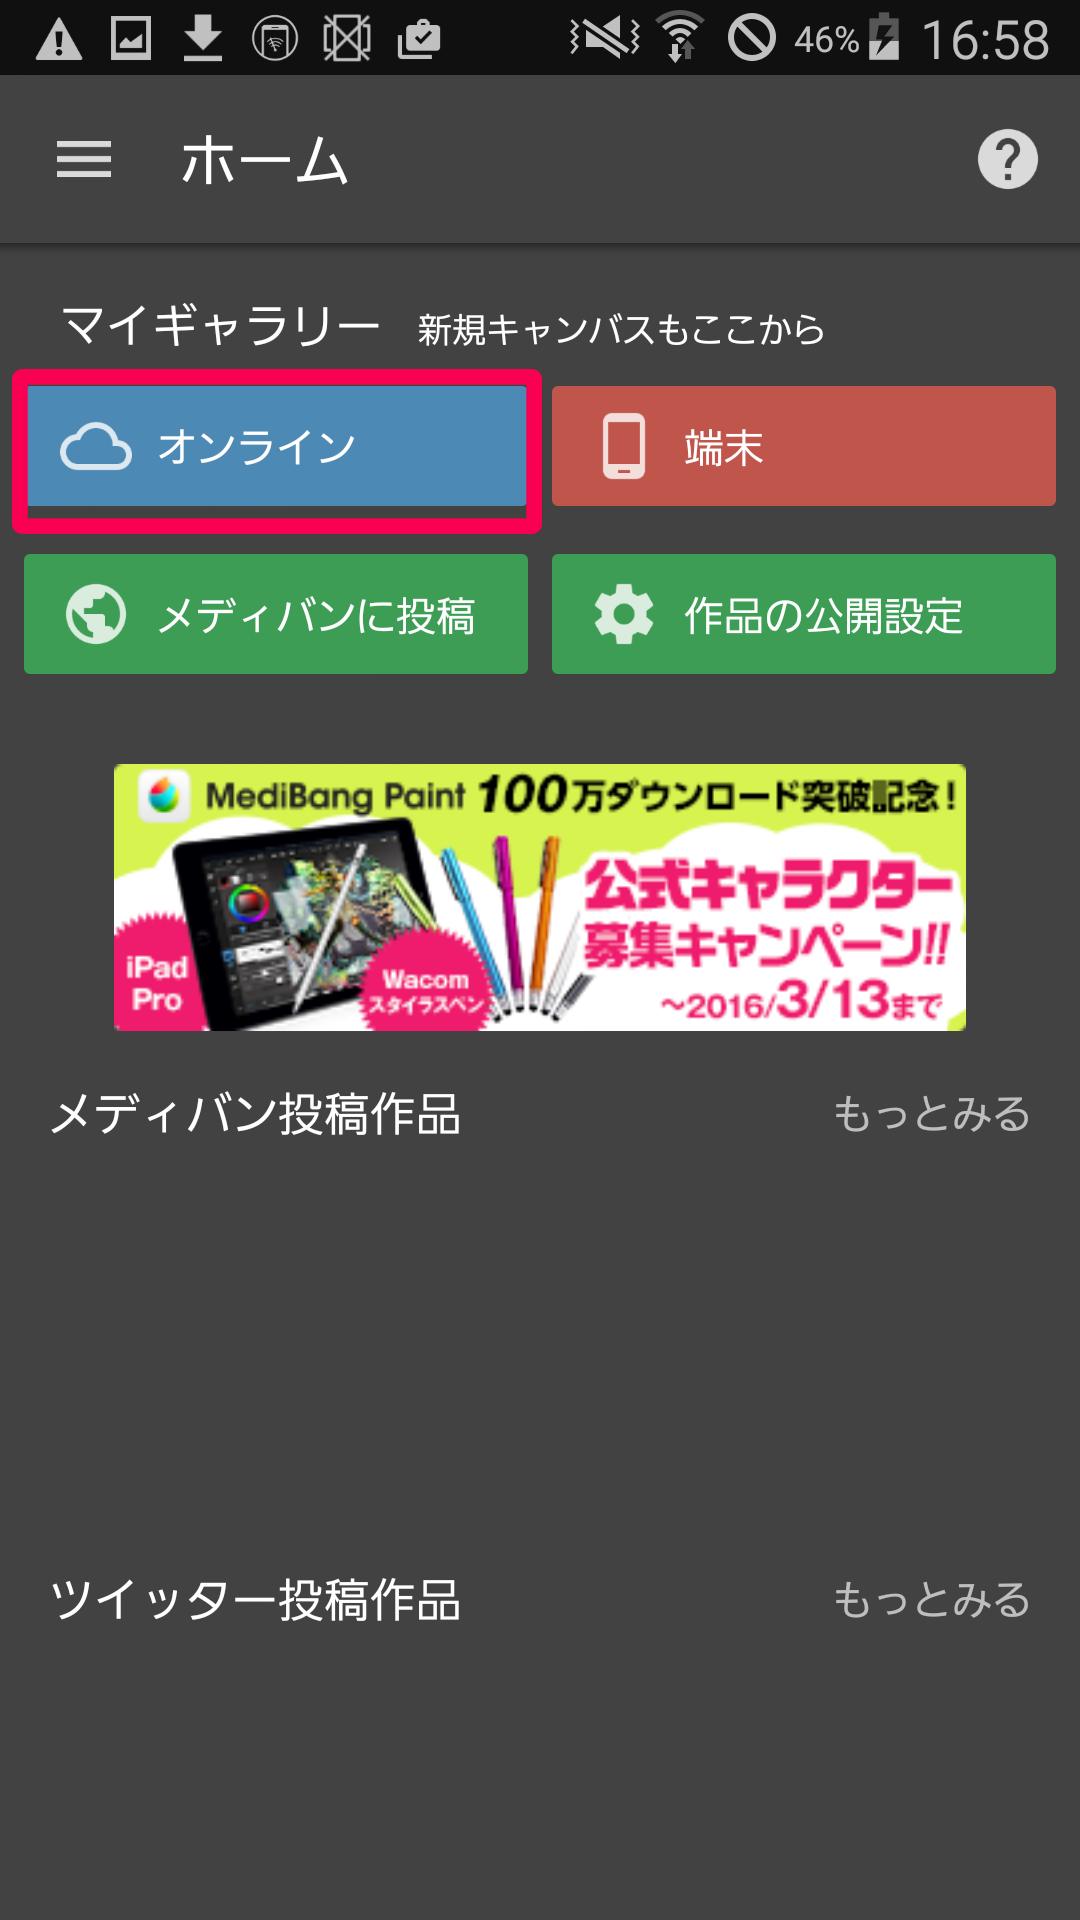 ホーム画面「オンライン」ボタン強調